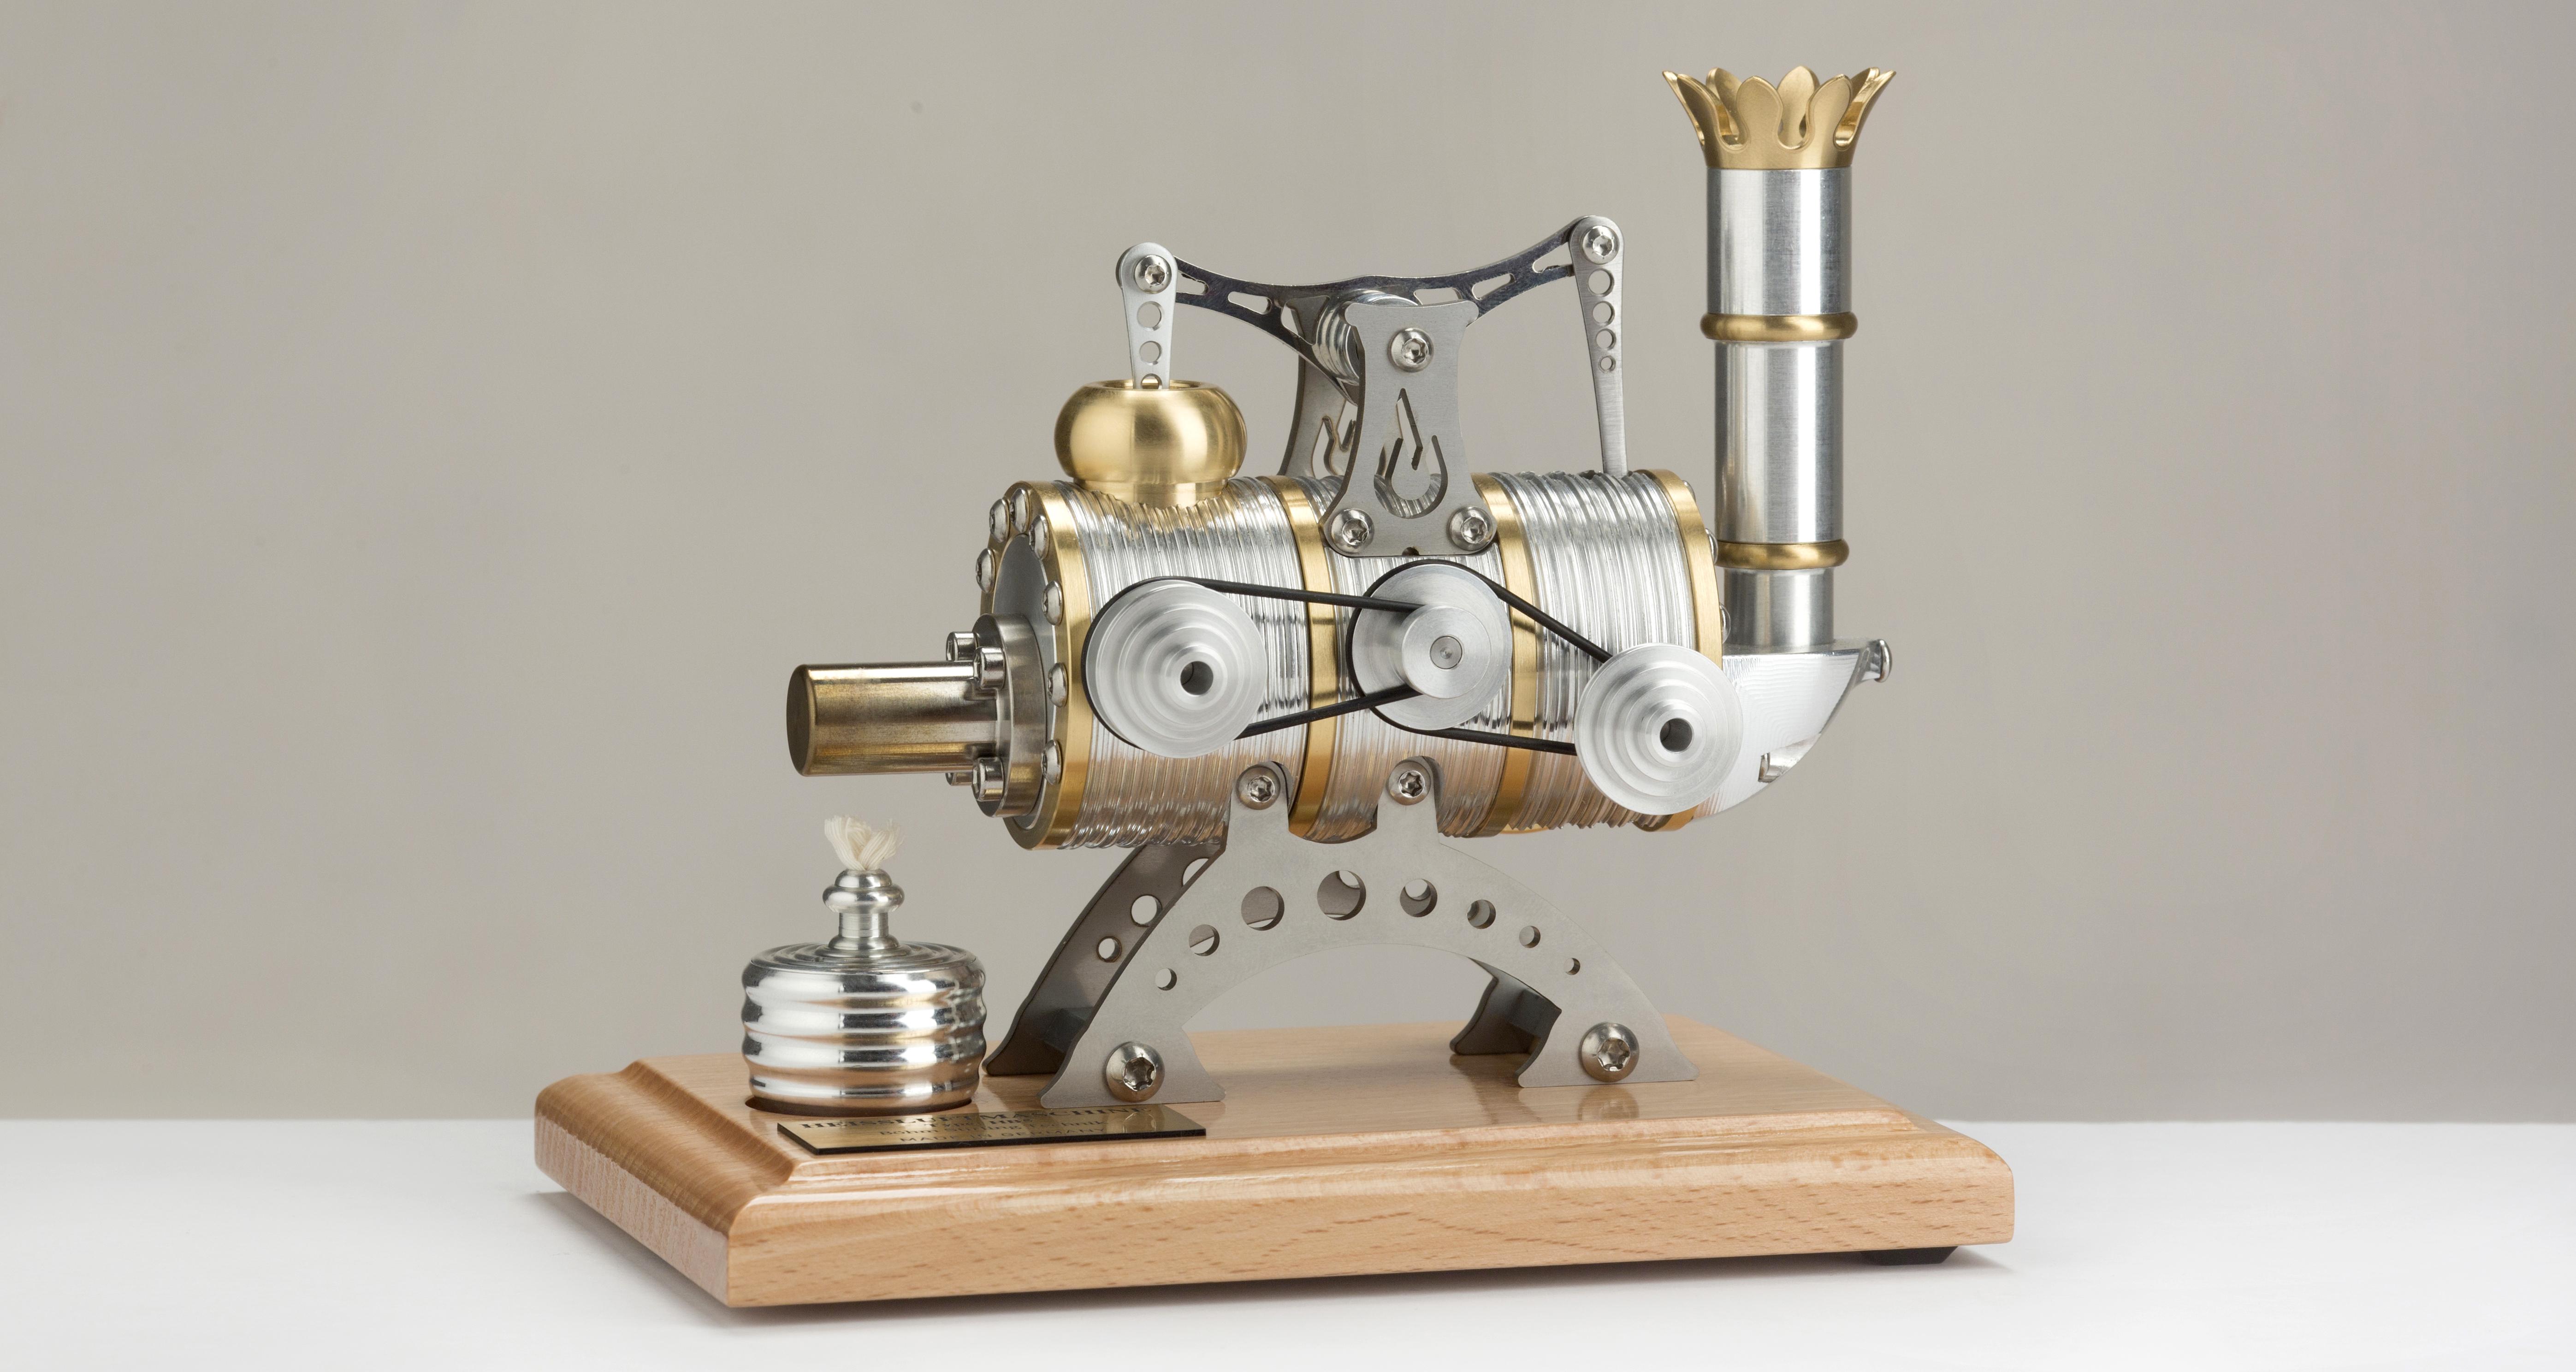 Bouwset Stirlingmotor HB5 Krachtcentrale